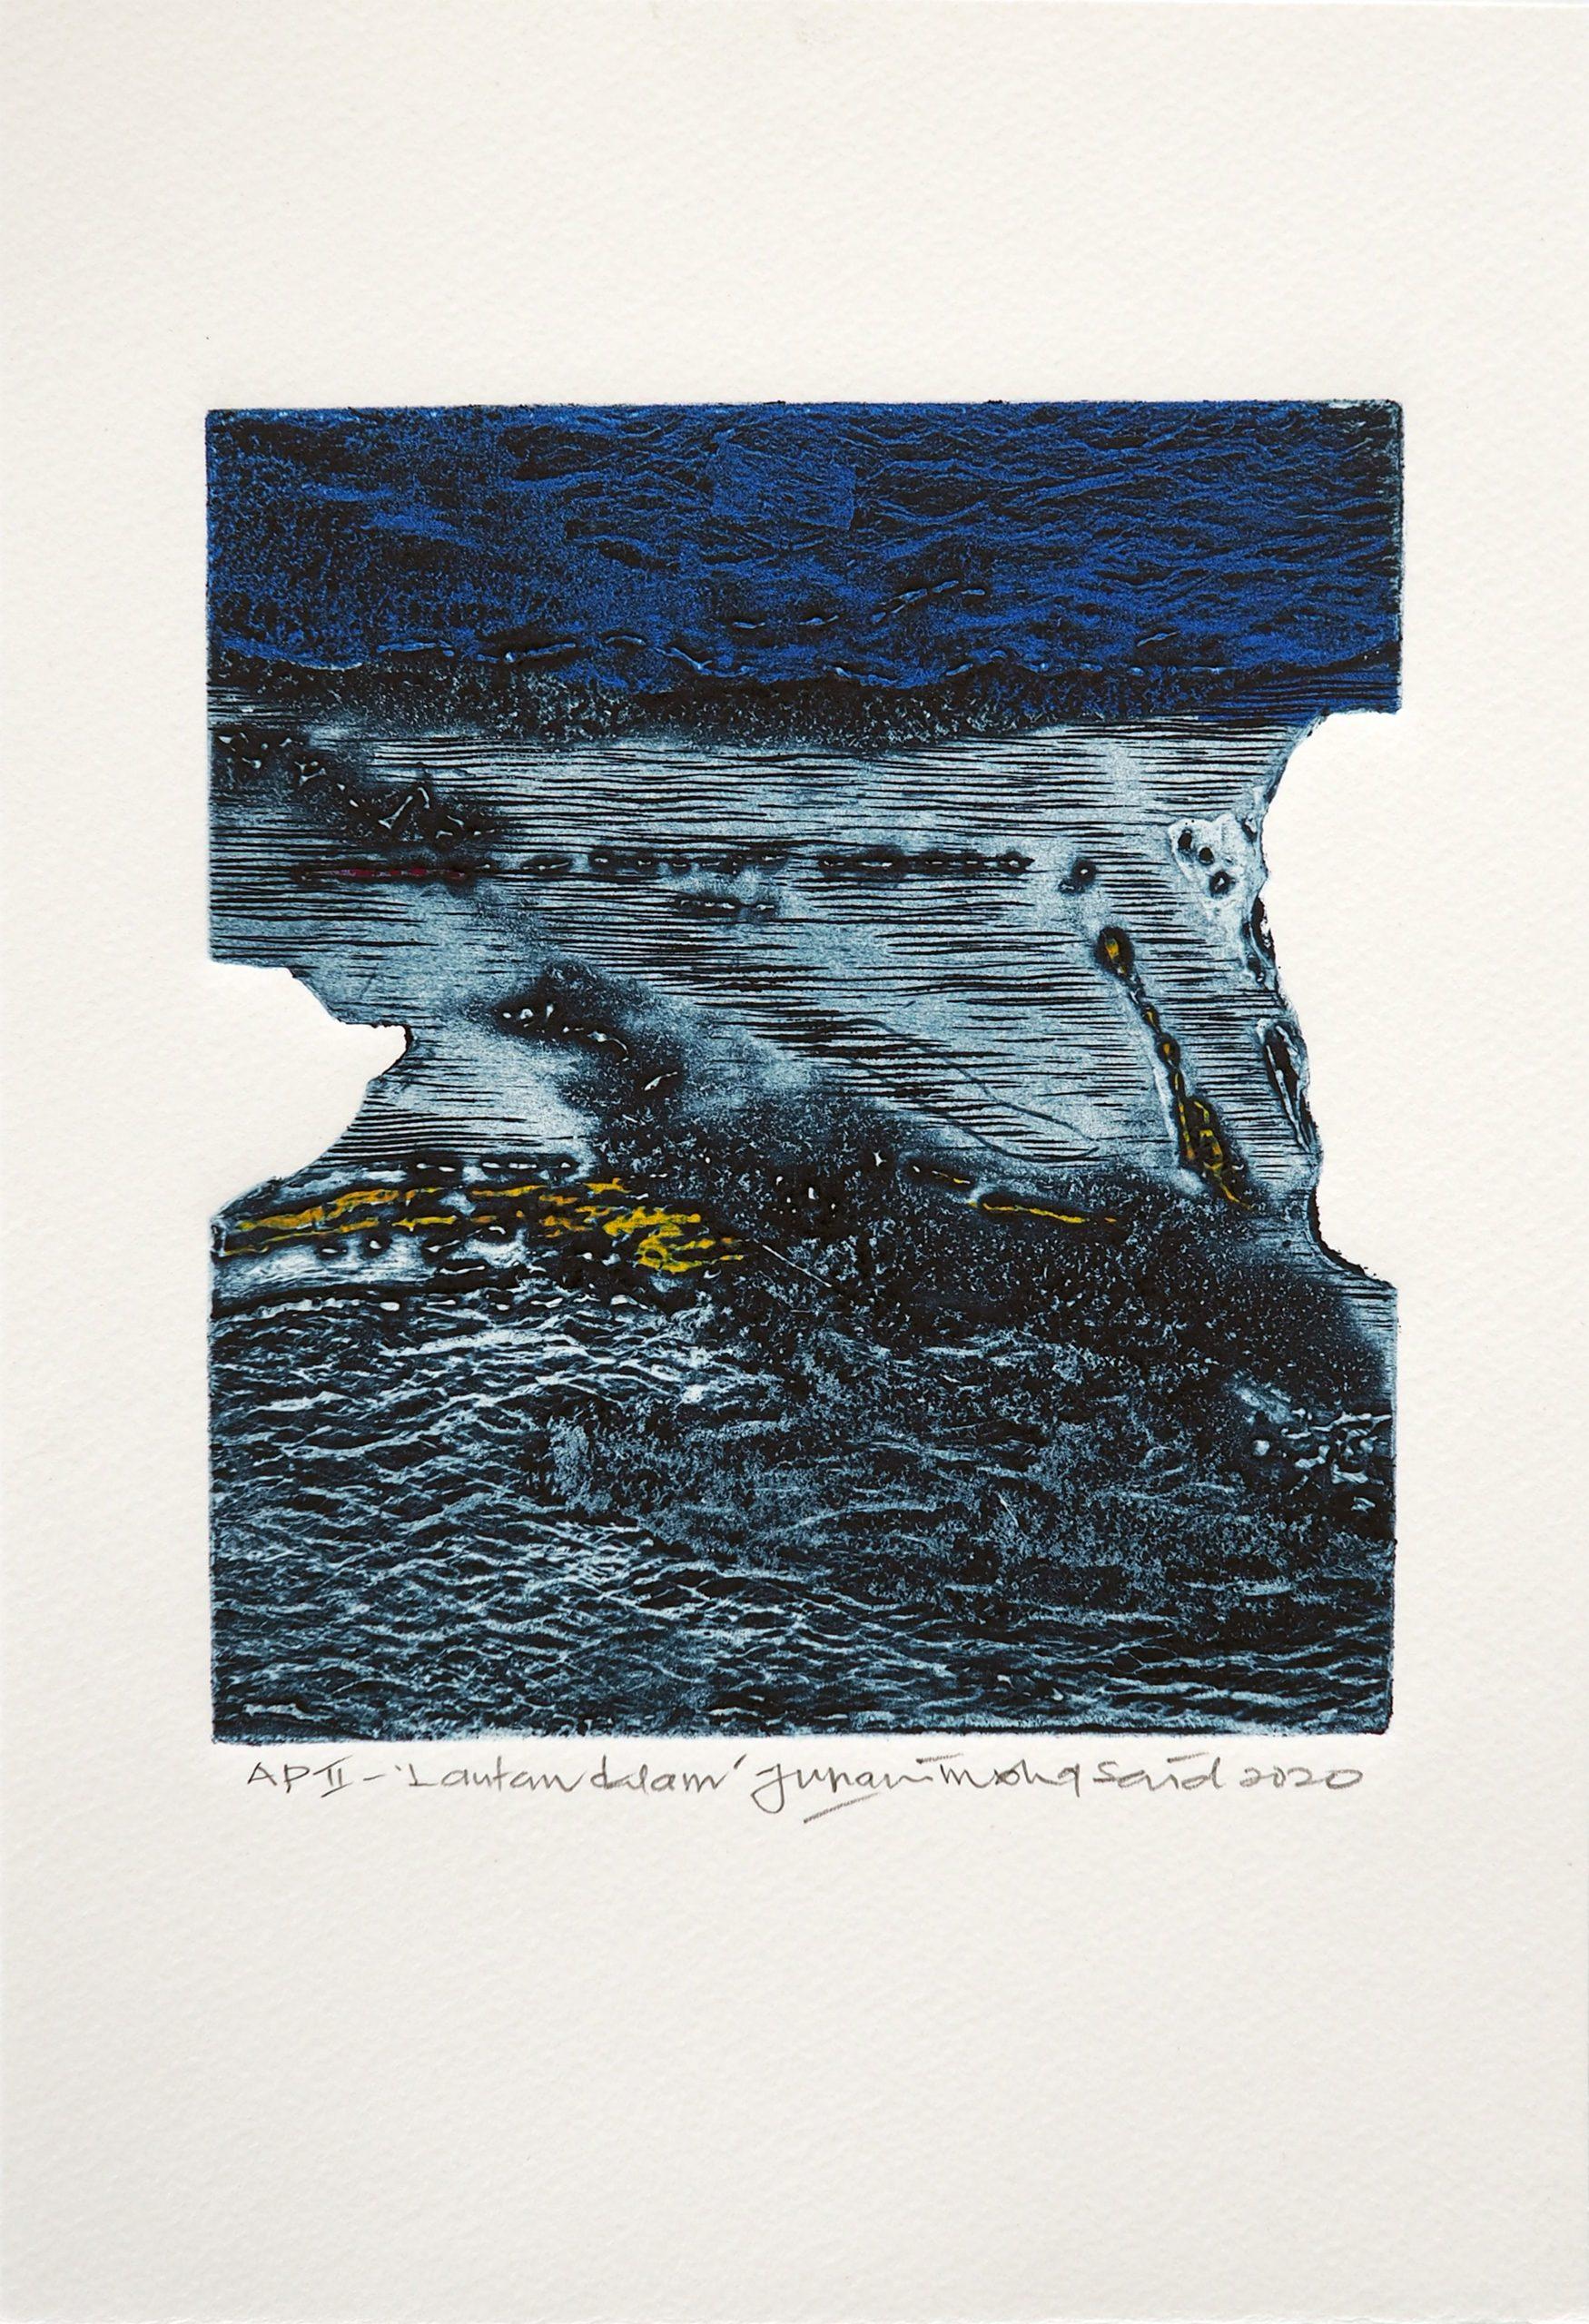 Lautan Dalam – Preview Juhari